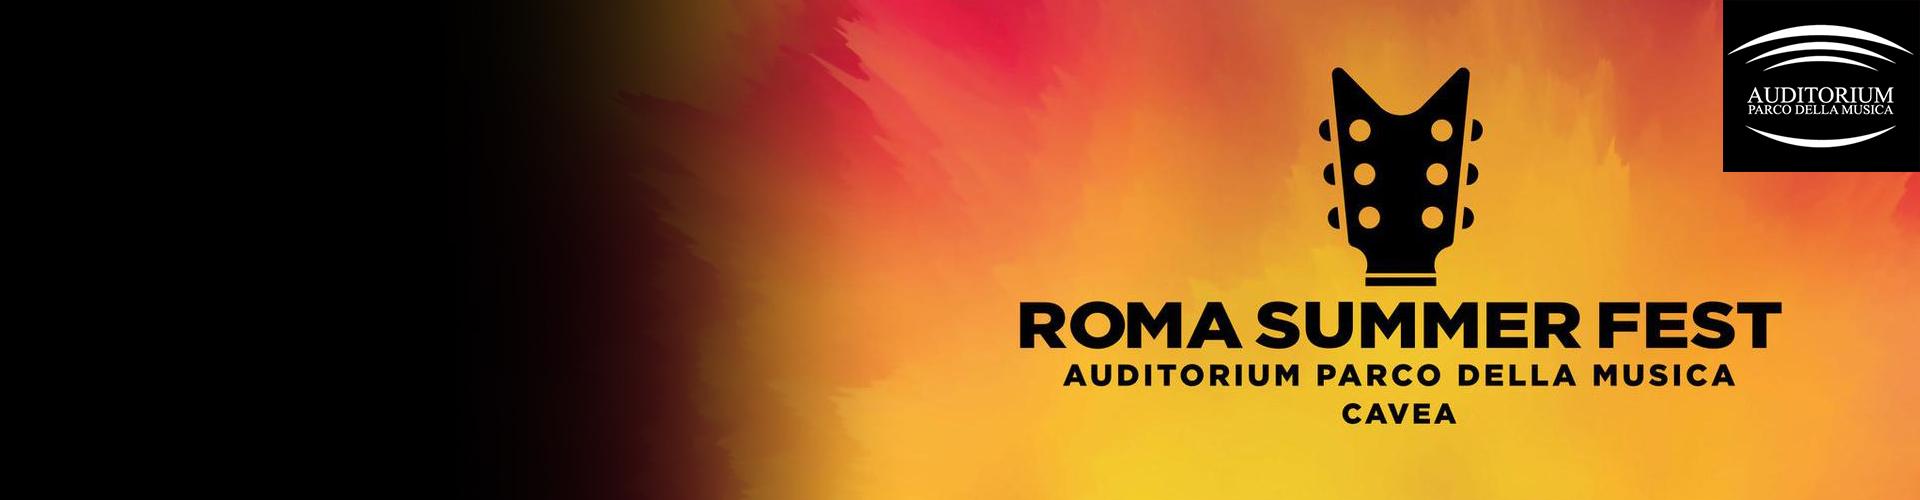 ROMA SUMMER FEST24 Giugno – 2 AgostoAUDITORIUM PARCO DELLA MUSICA ROMA